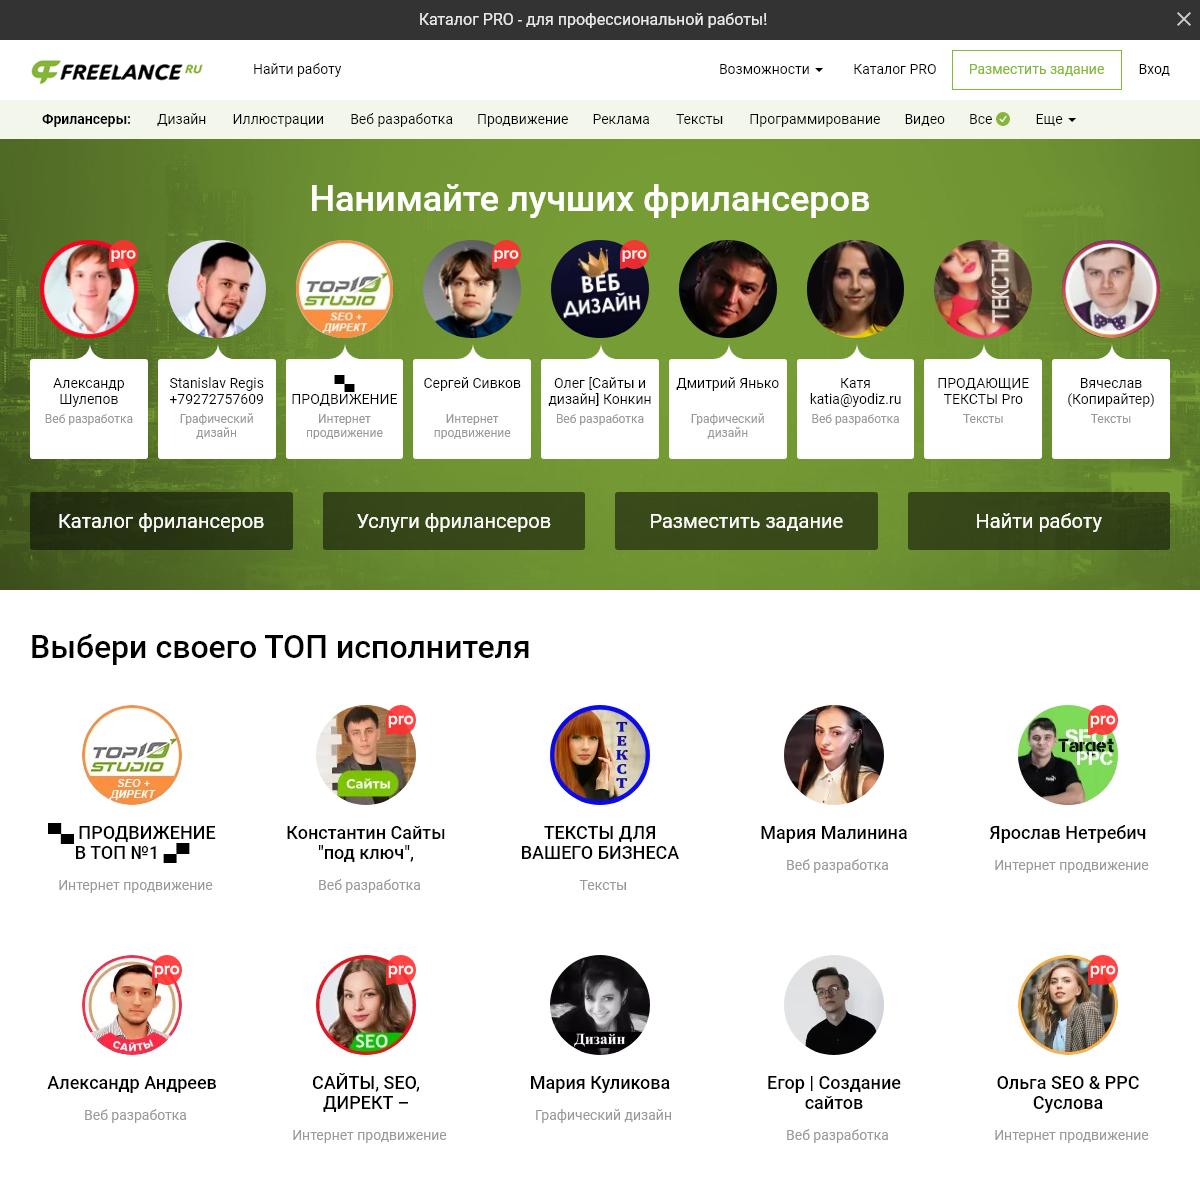 Фриланс официальный сайт фрилансеров и самозанятых. Удаленная работа